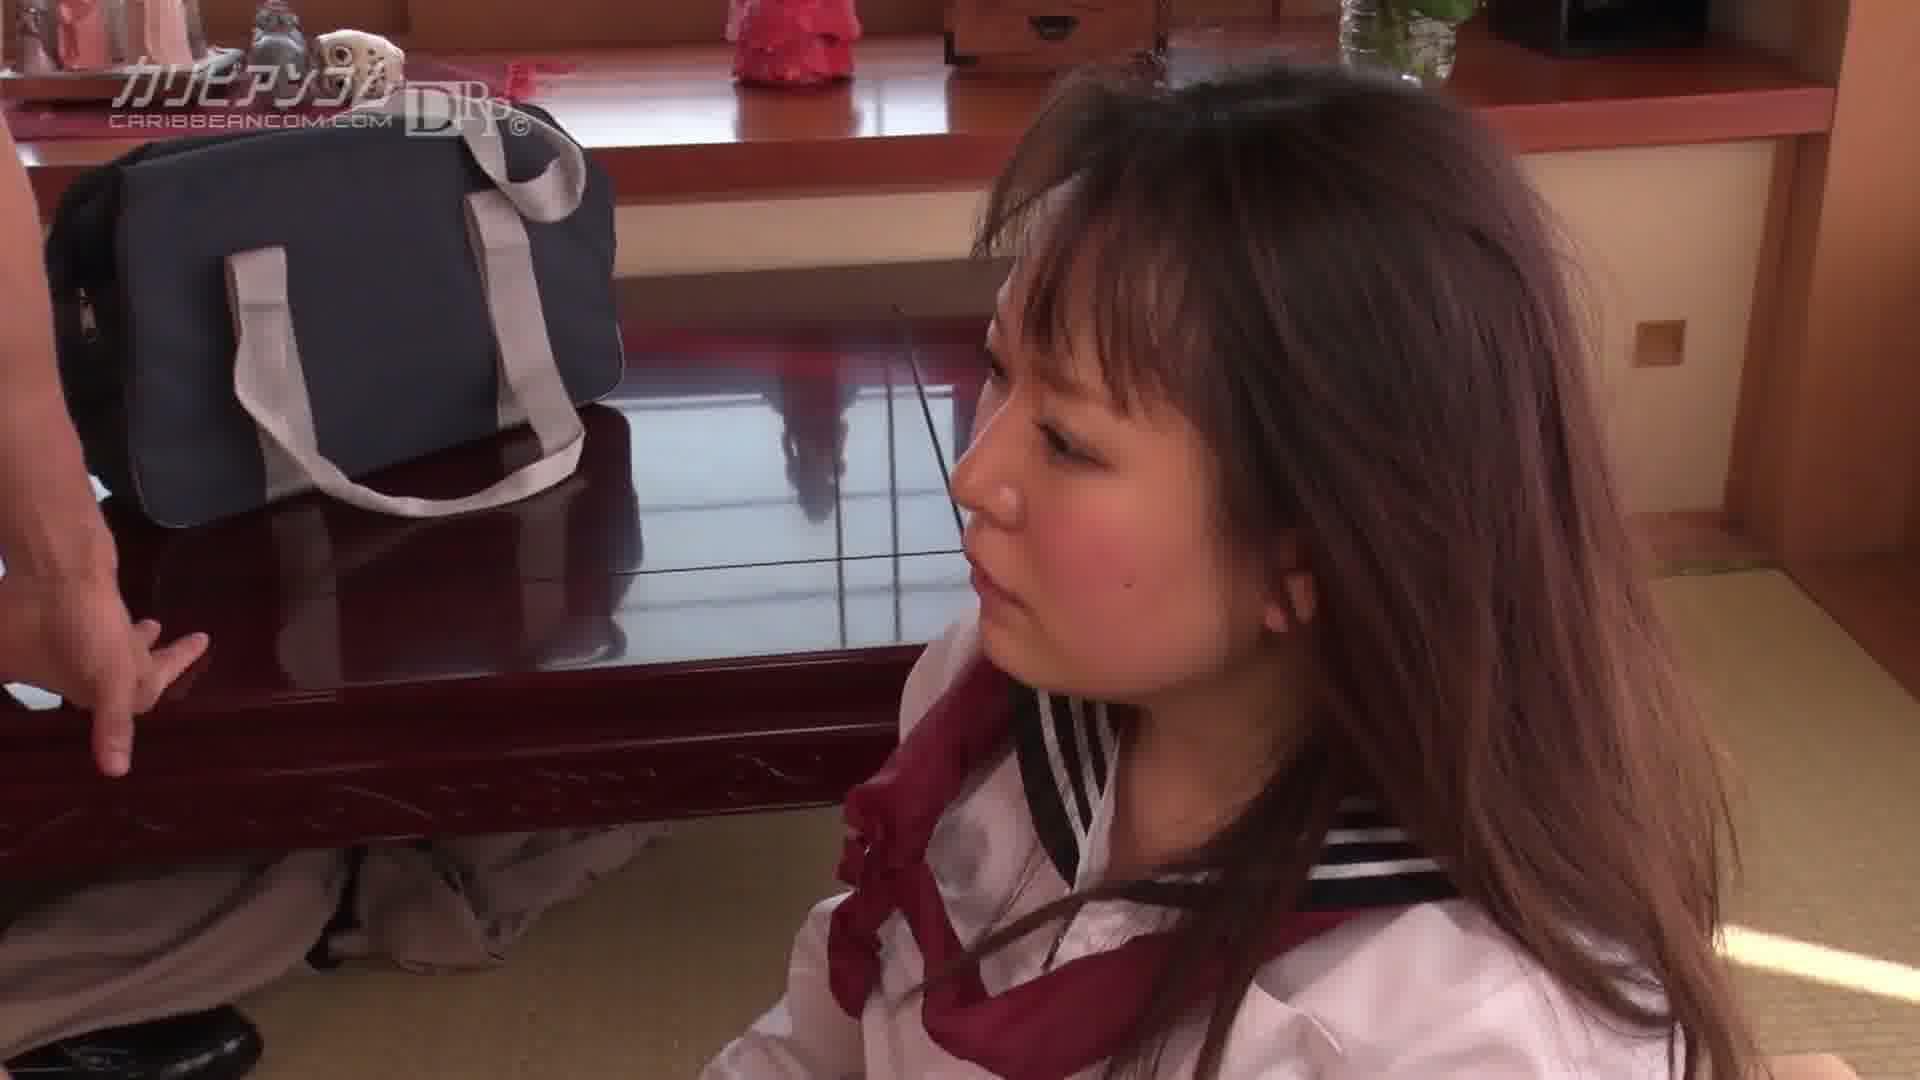 放課後に、仕込んでください ~寸止めを繰り返して究極の言いなり~ - 希咲良【制服・ごっくん・中出し】